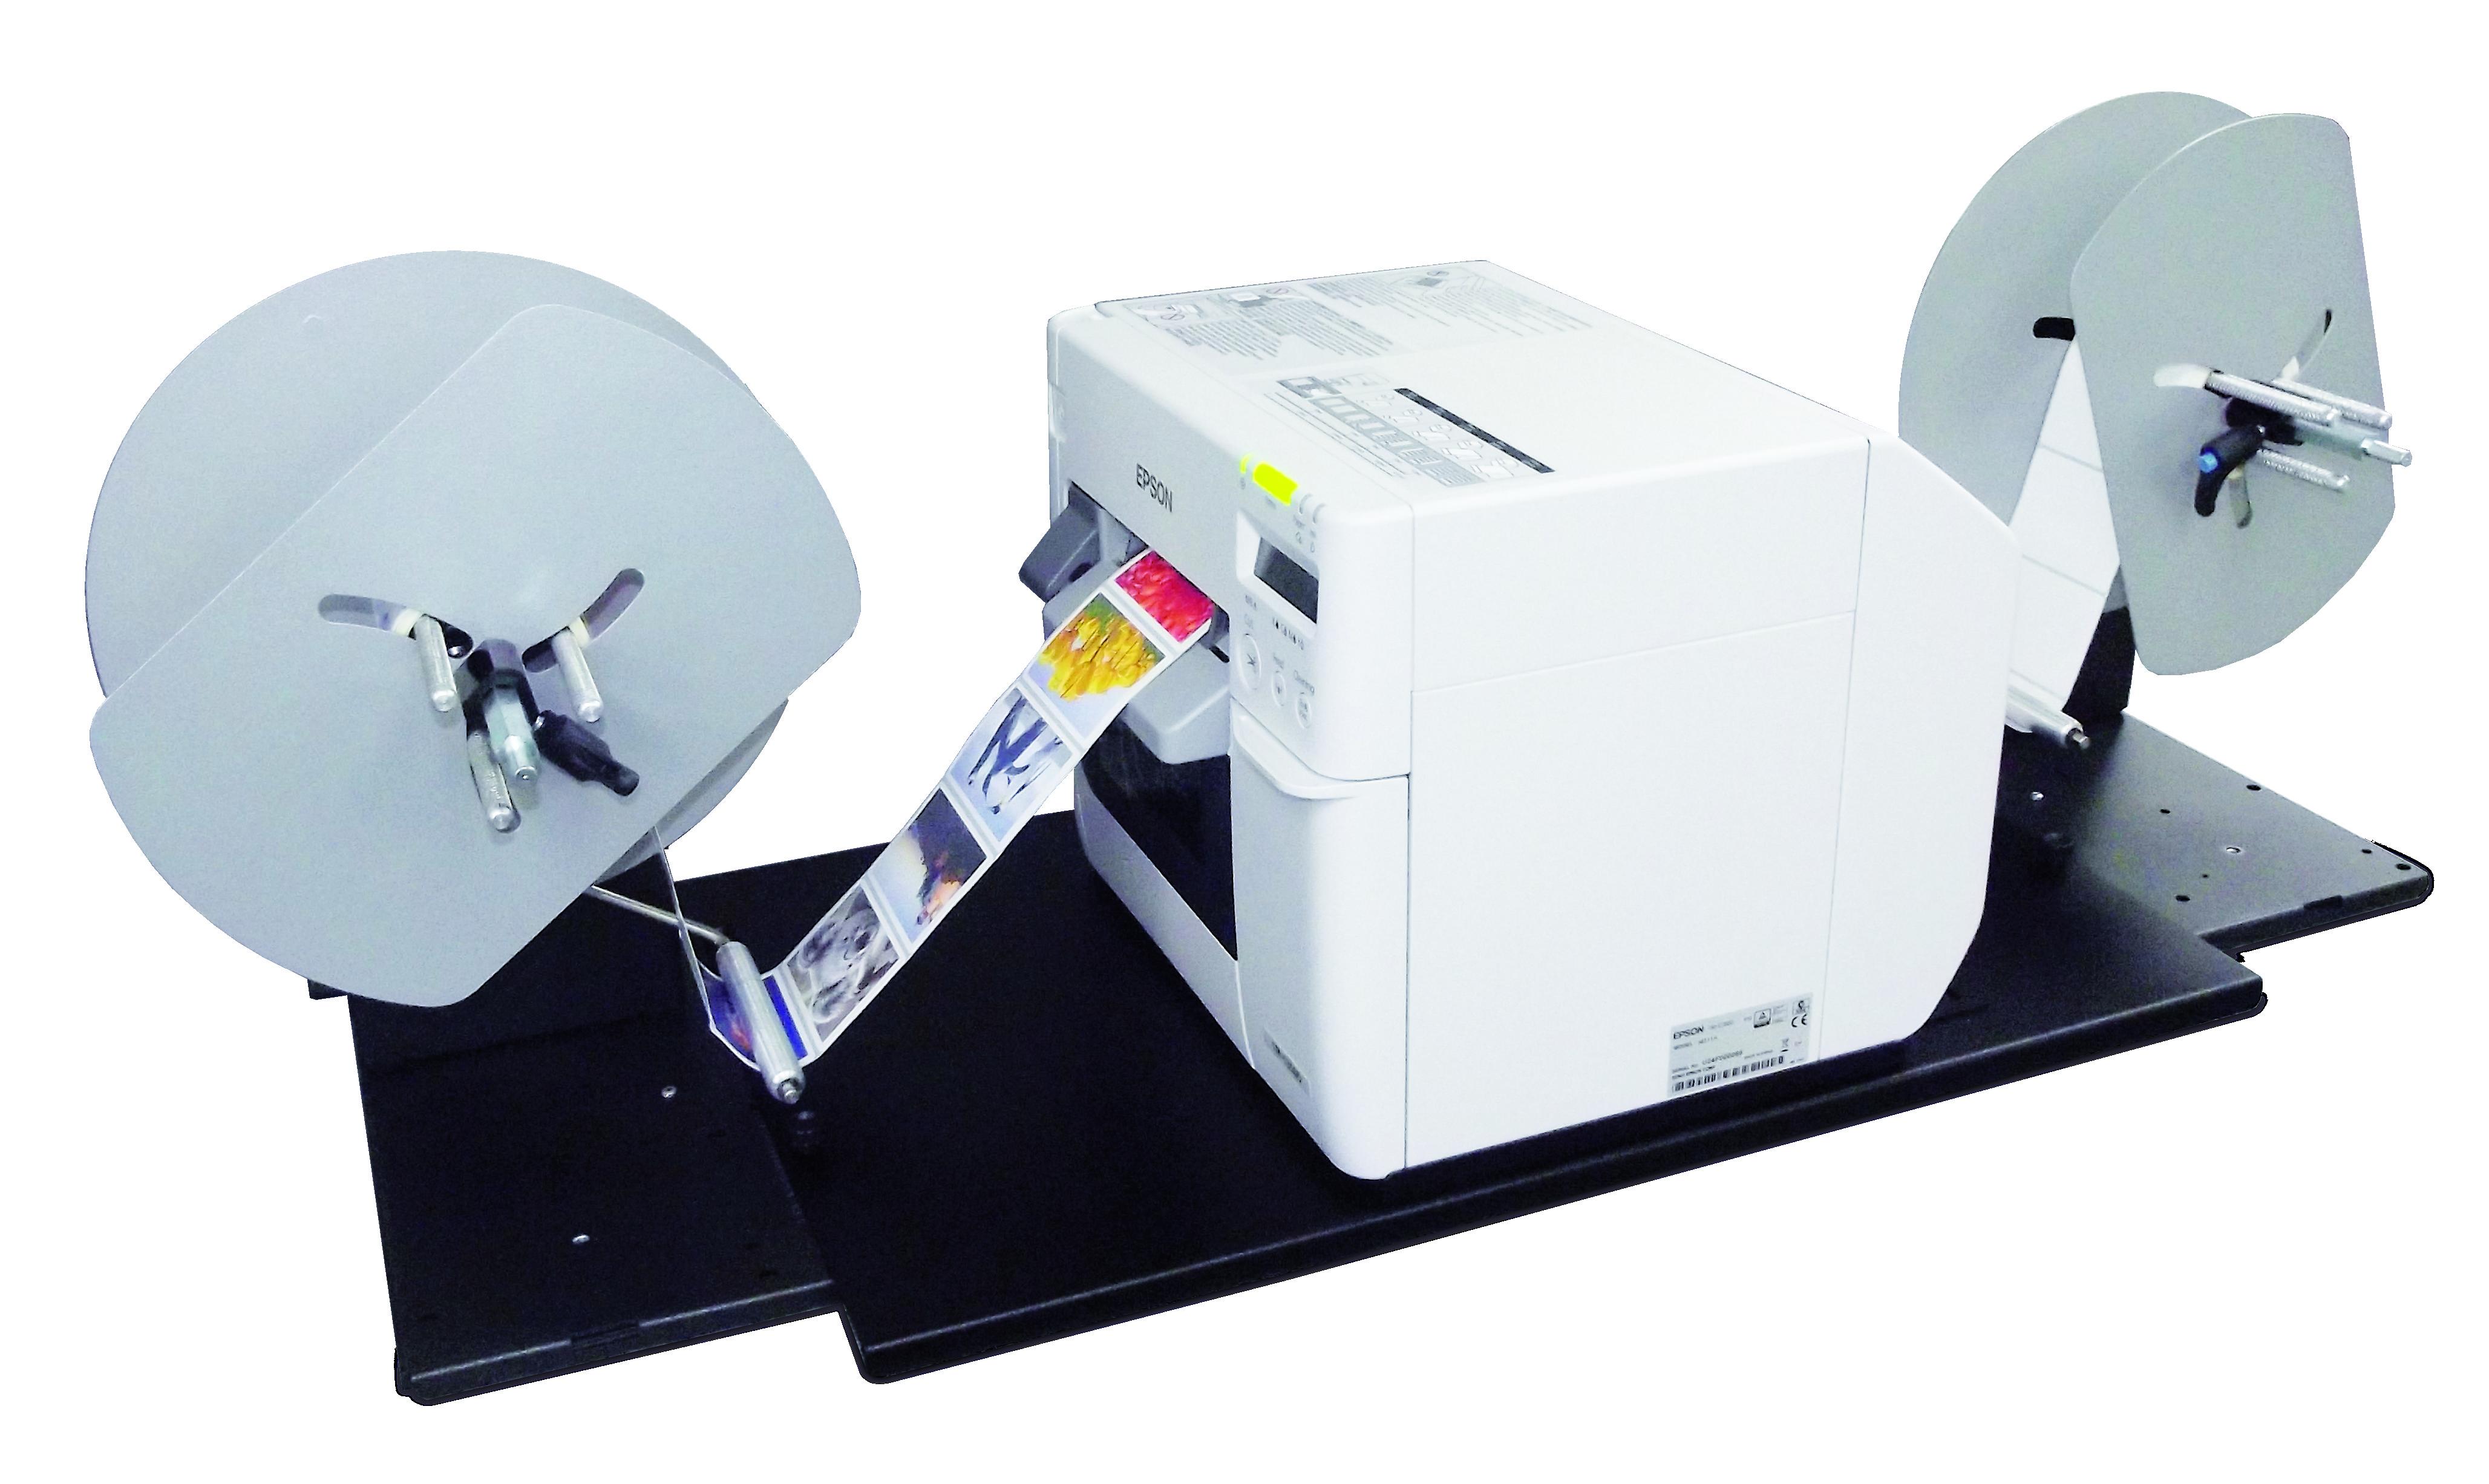 Epson TM-C3500 Unwinder & Rewinder connected to TM-C3500 label printer